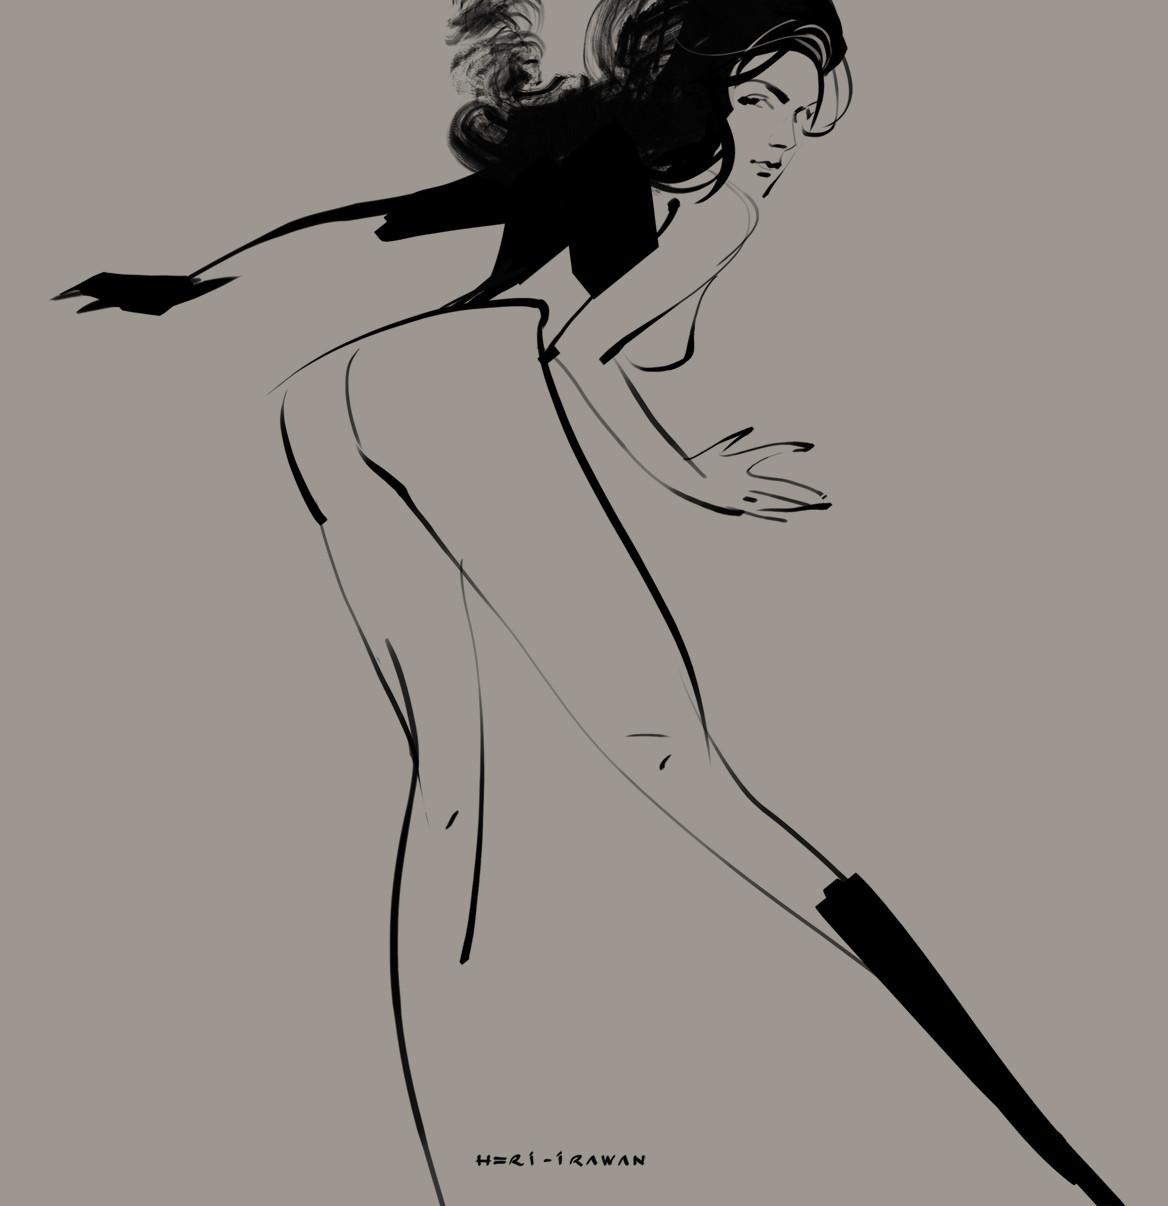 Heri irawan sketch 20170904 b